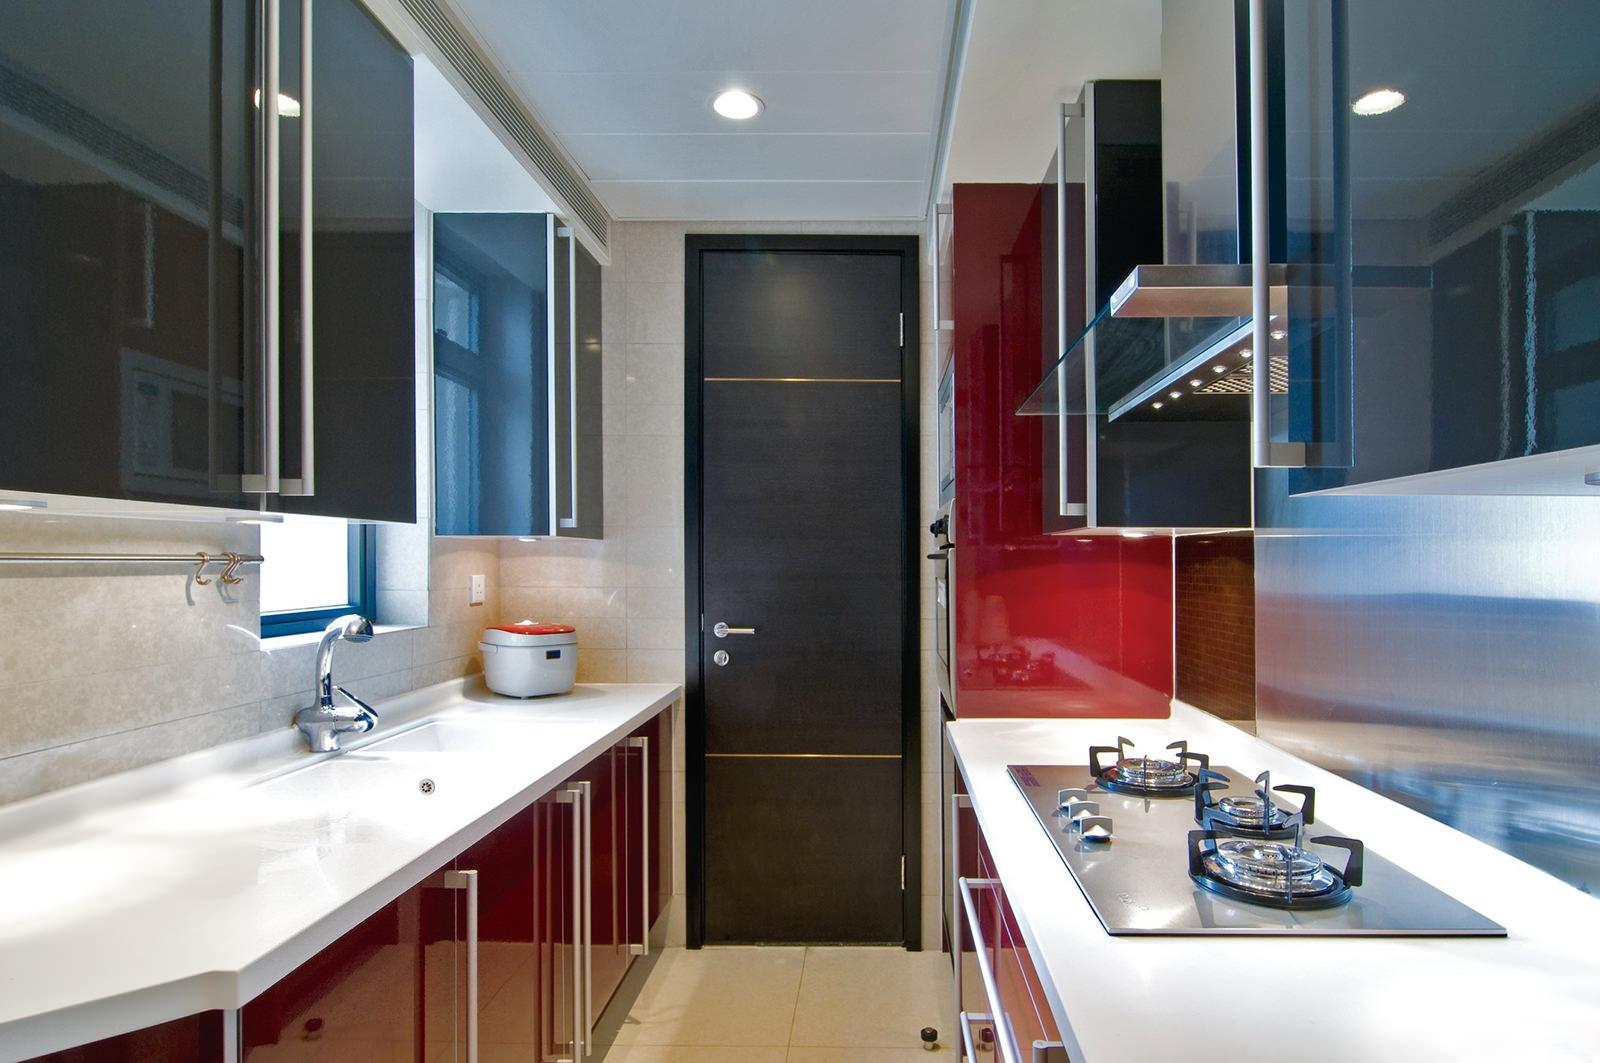 Глянцевый гарнитур в узкой кухне